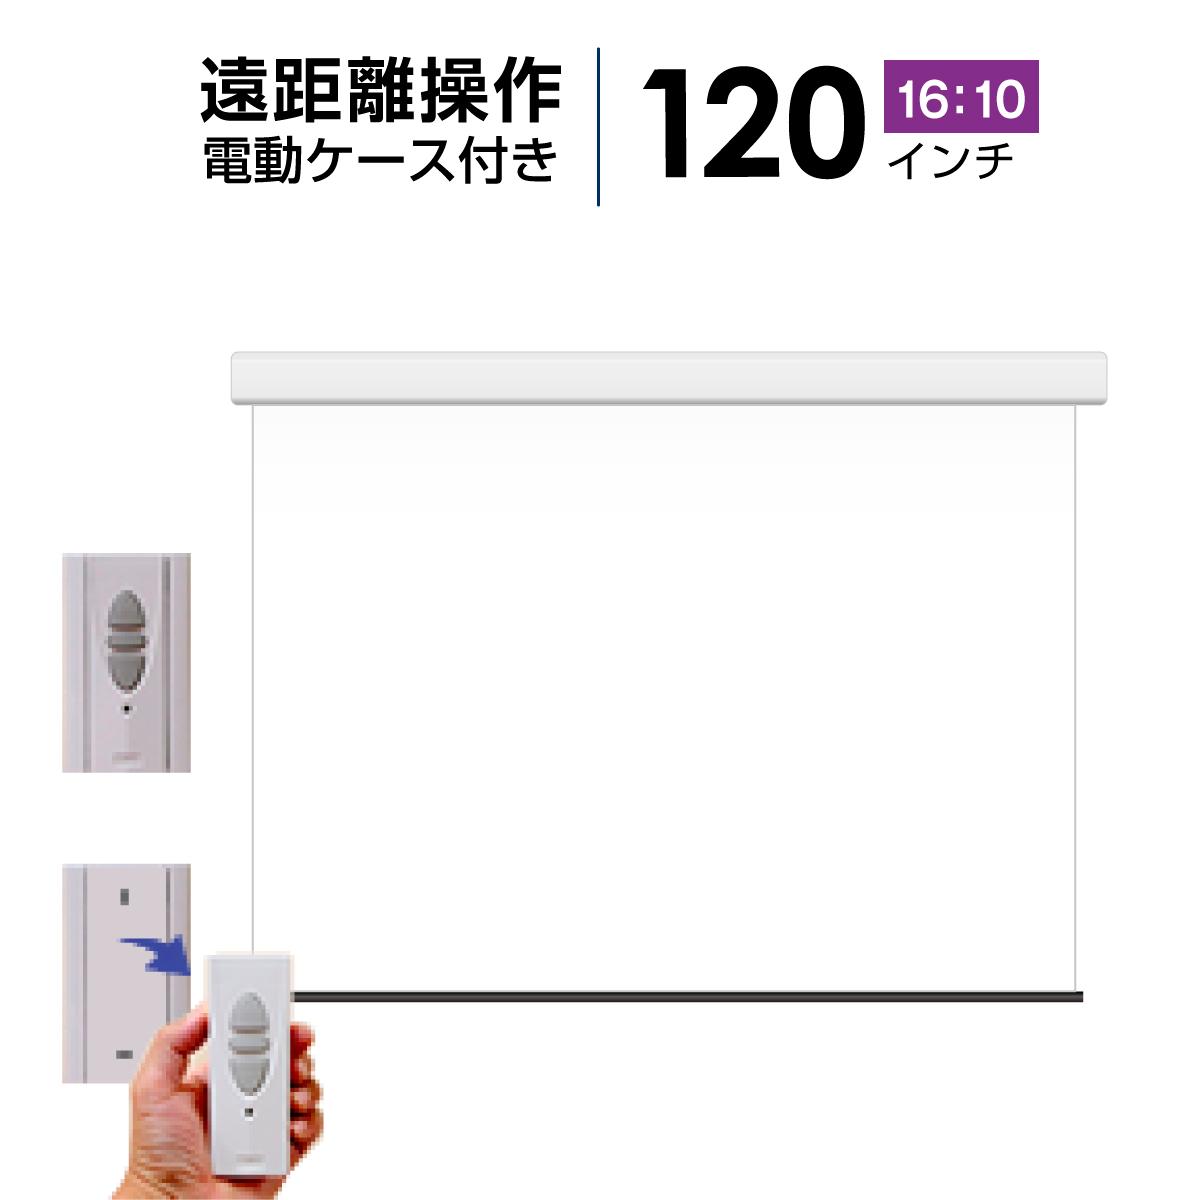 プロジェクタースクリーン 電動遠距離ケース付きタイプ120インチ(16:10) マスクフリー WCR2585FEH